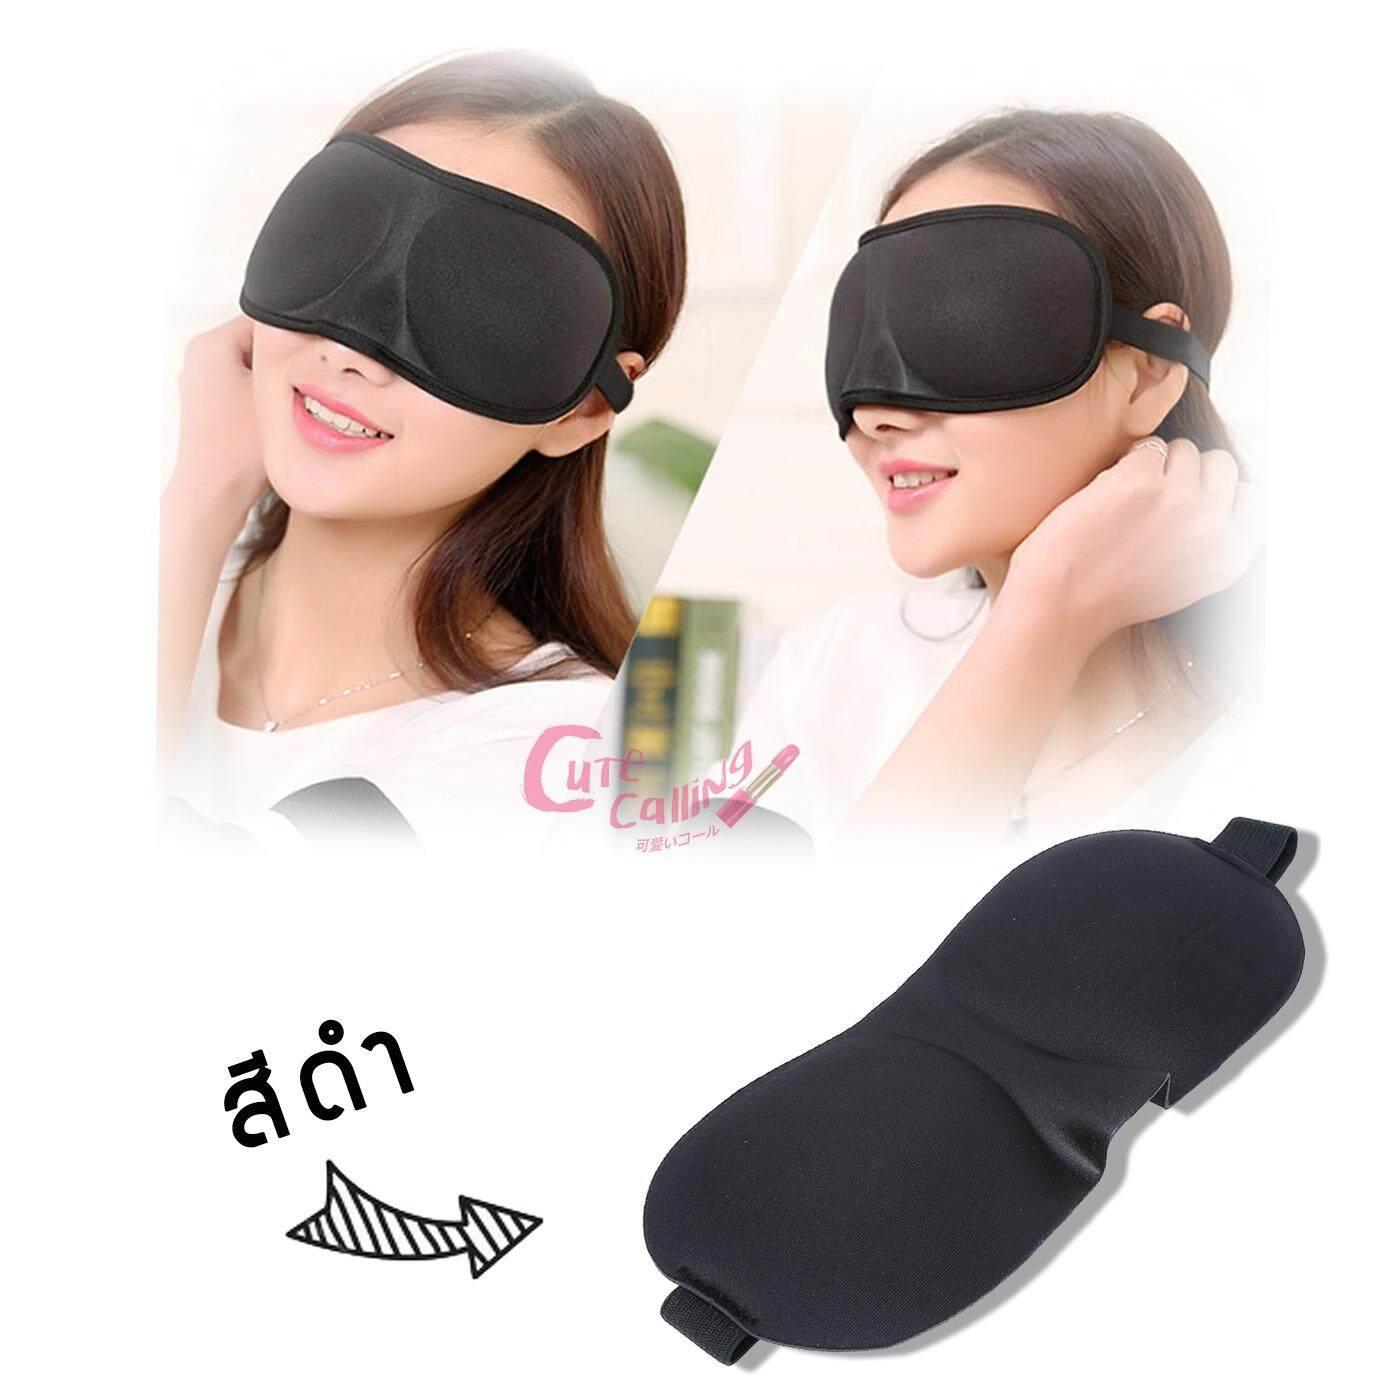 ขาย หน้ากากปิดตา ผ้าปิดตา 3 มิติ 3D หลับง่าย หลับสบายกว่าเดิม นุ่ม ใส่ง่าย สบายตา Cute Calling เป็นต้นฉบับ